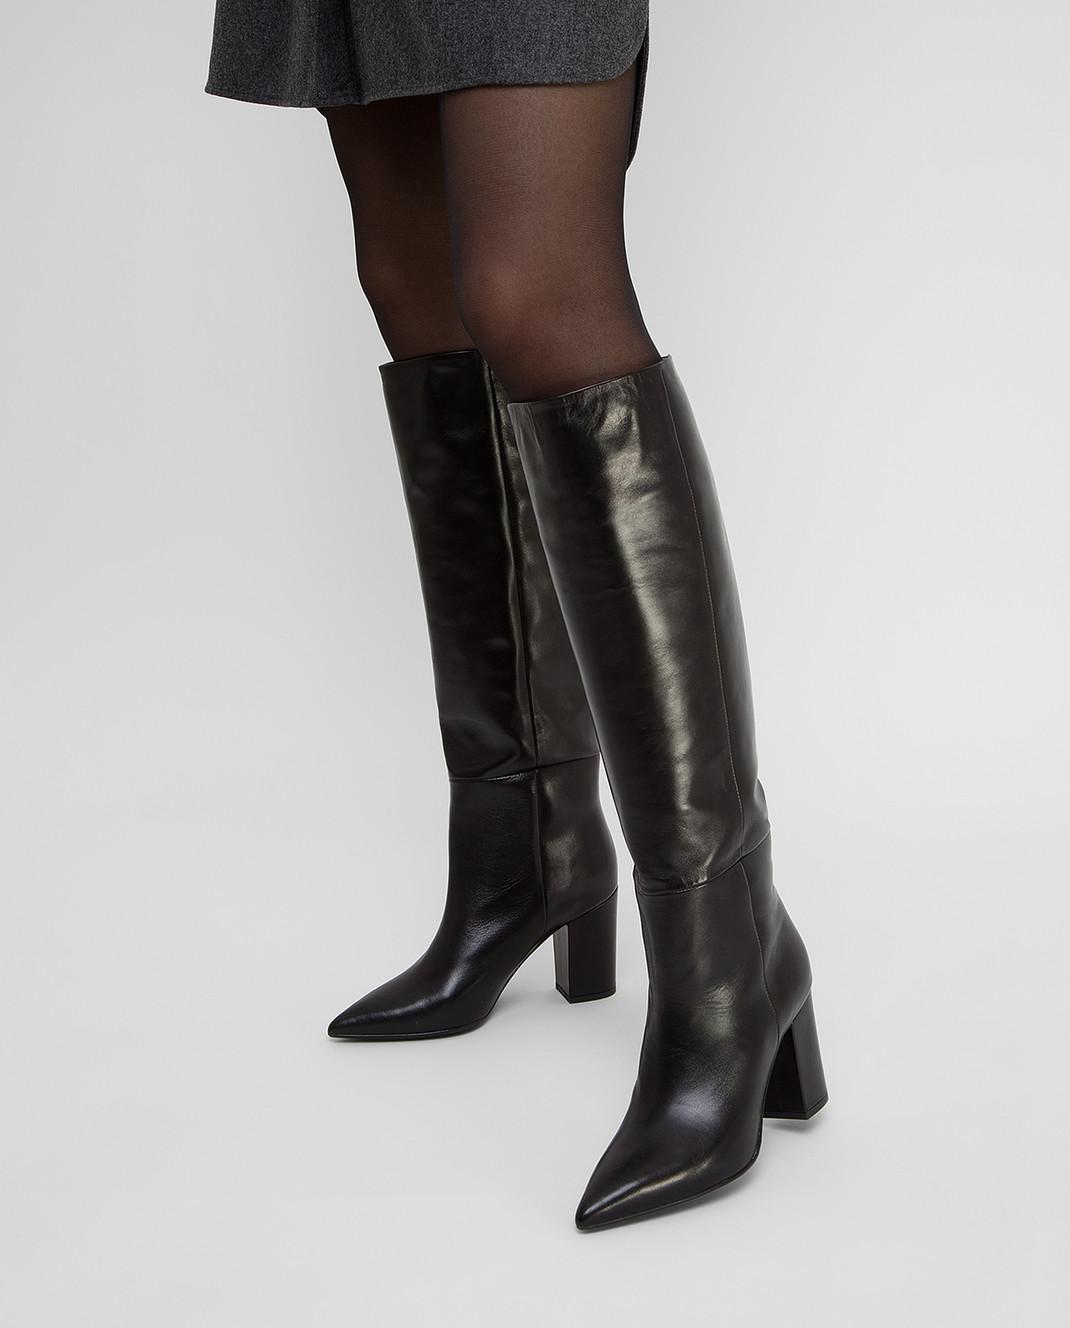 Babe Pay Pls Черные кожаные сапоги изображение 2